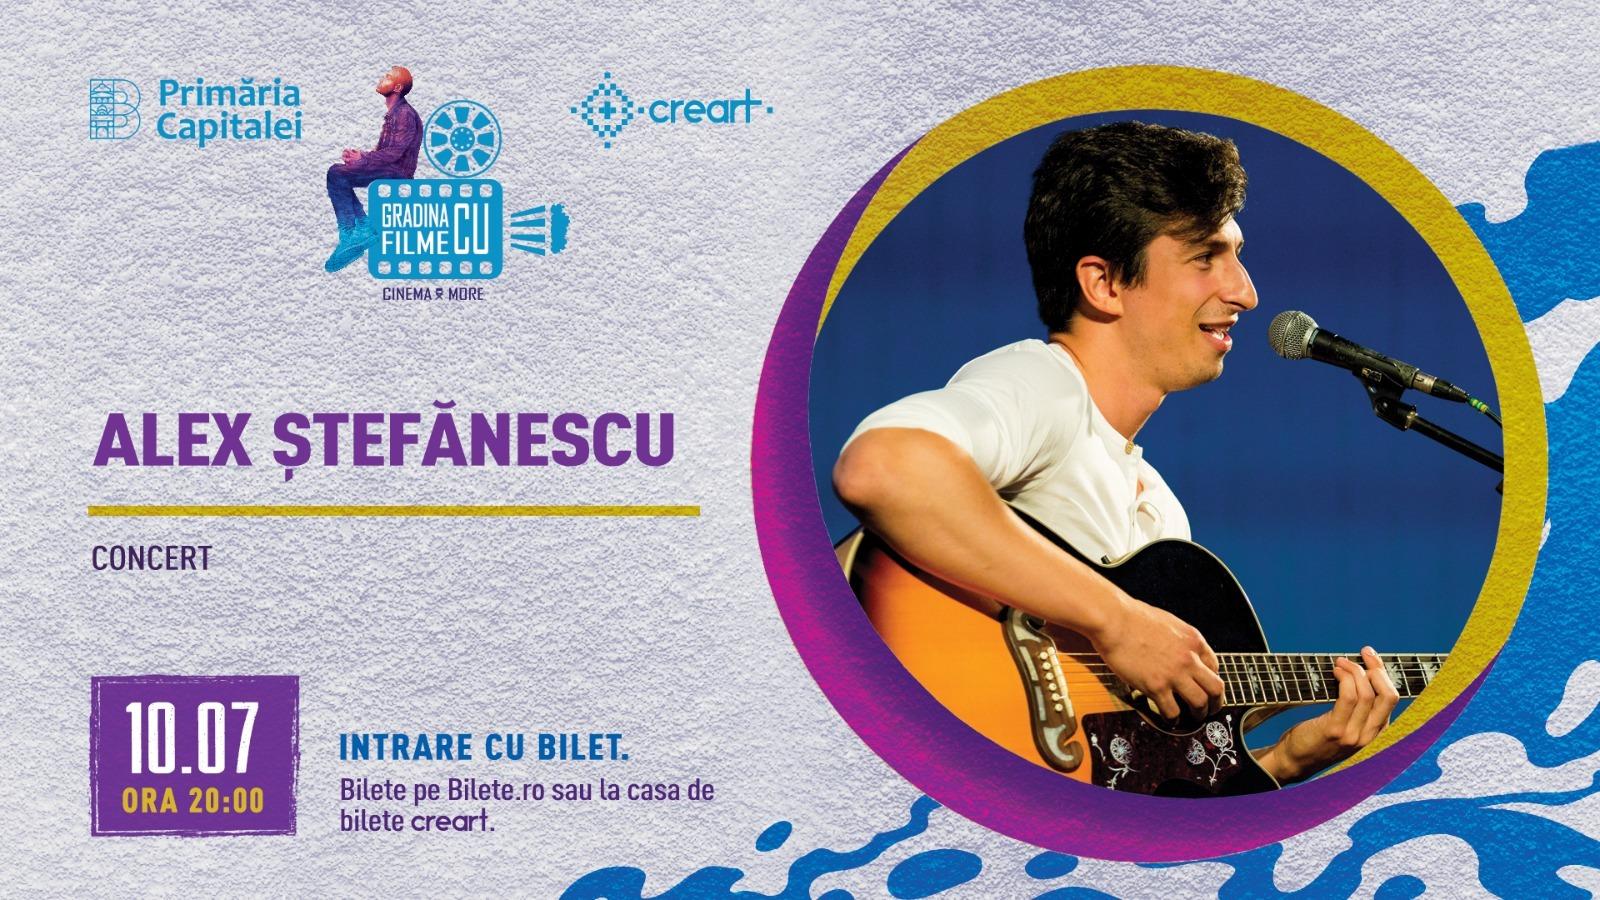 evenimente weekend 10-12 iulie Concert Alex Stefanescu la Gradina cu filme